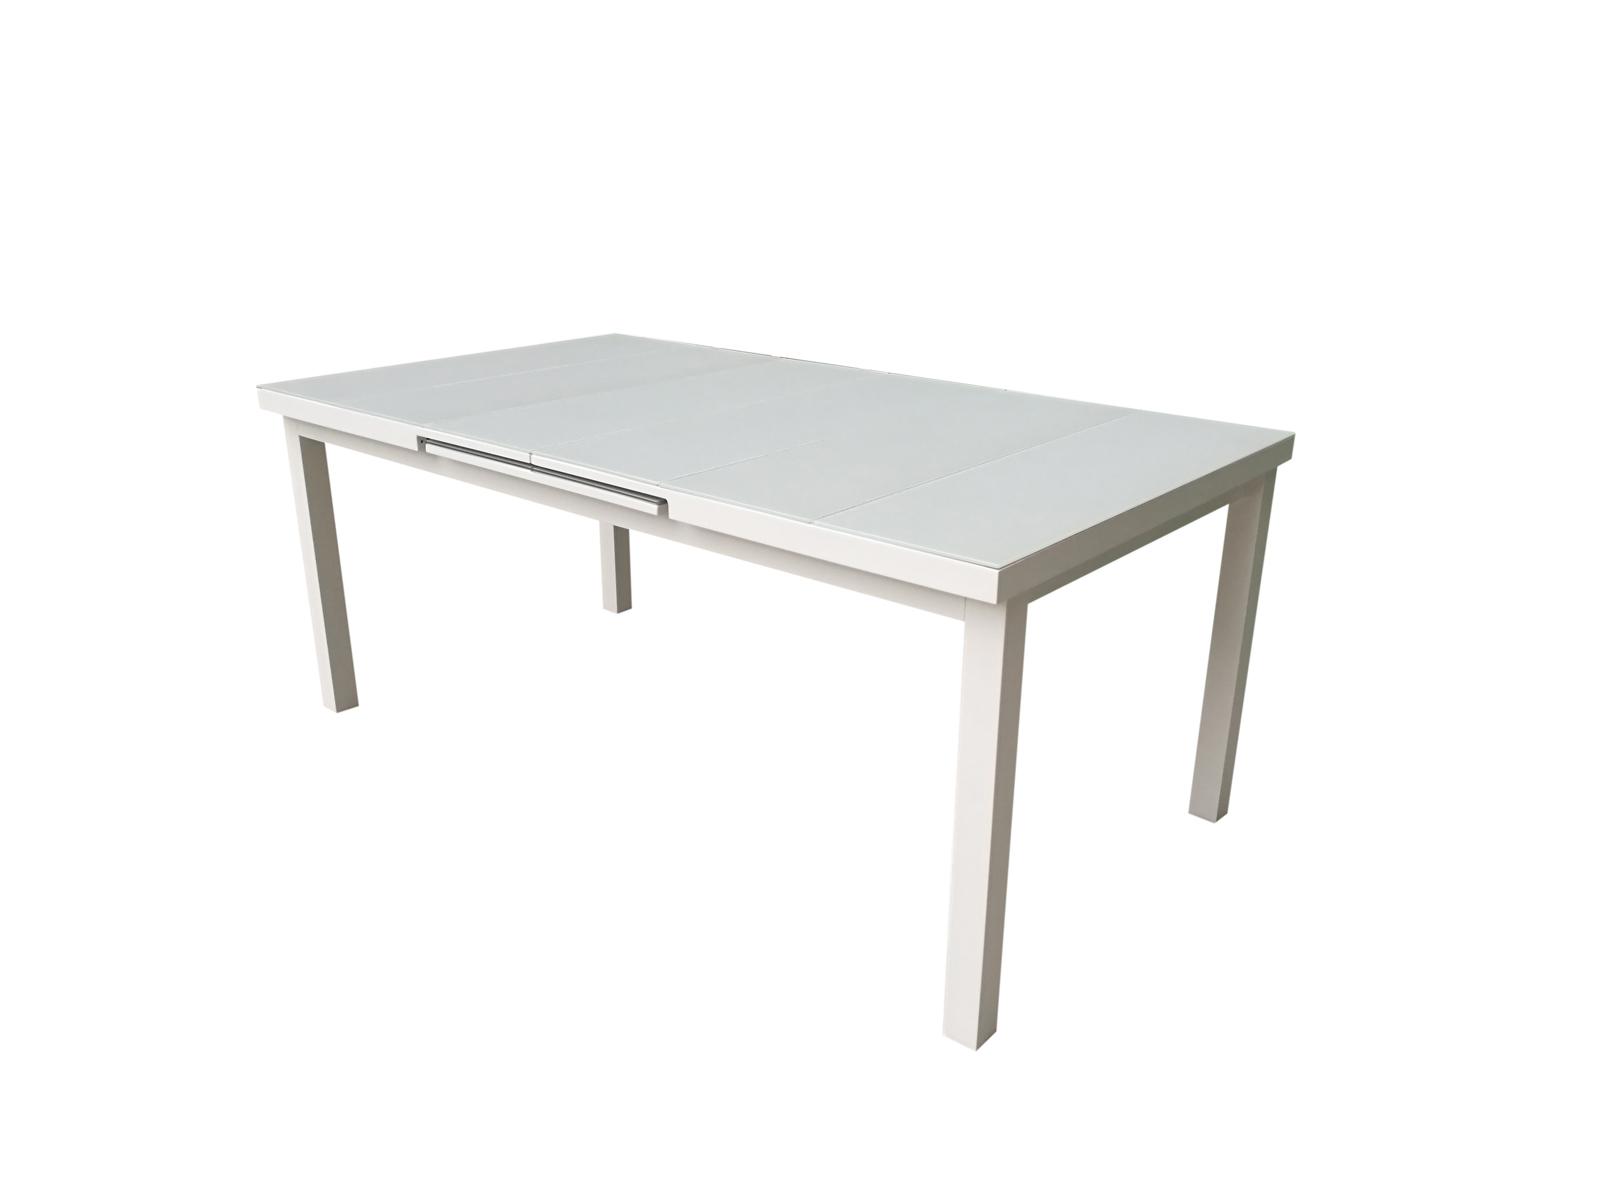 Table De Jardin Extensible Nice 180/240Cm En Aluminium Blanc Gris Et  Plateau Verre Blanc Gris encequiconcerne Table De Jardin Dessus Verre